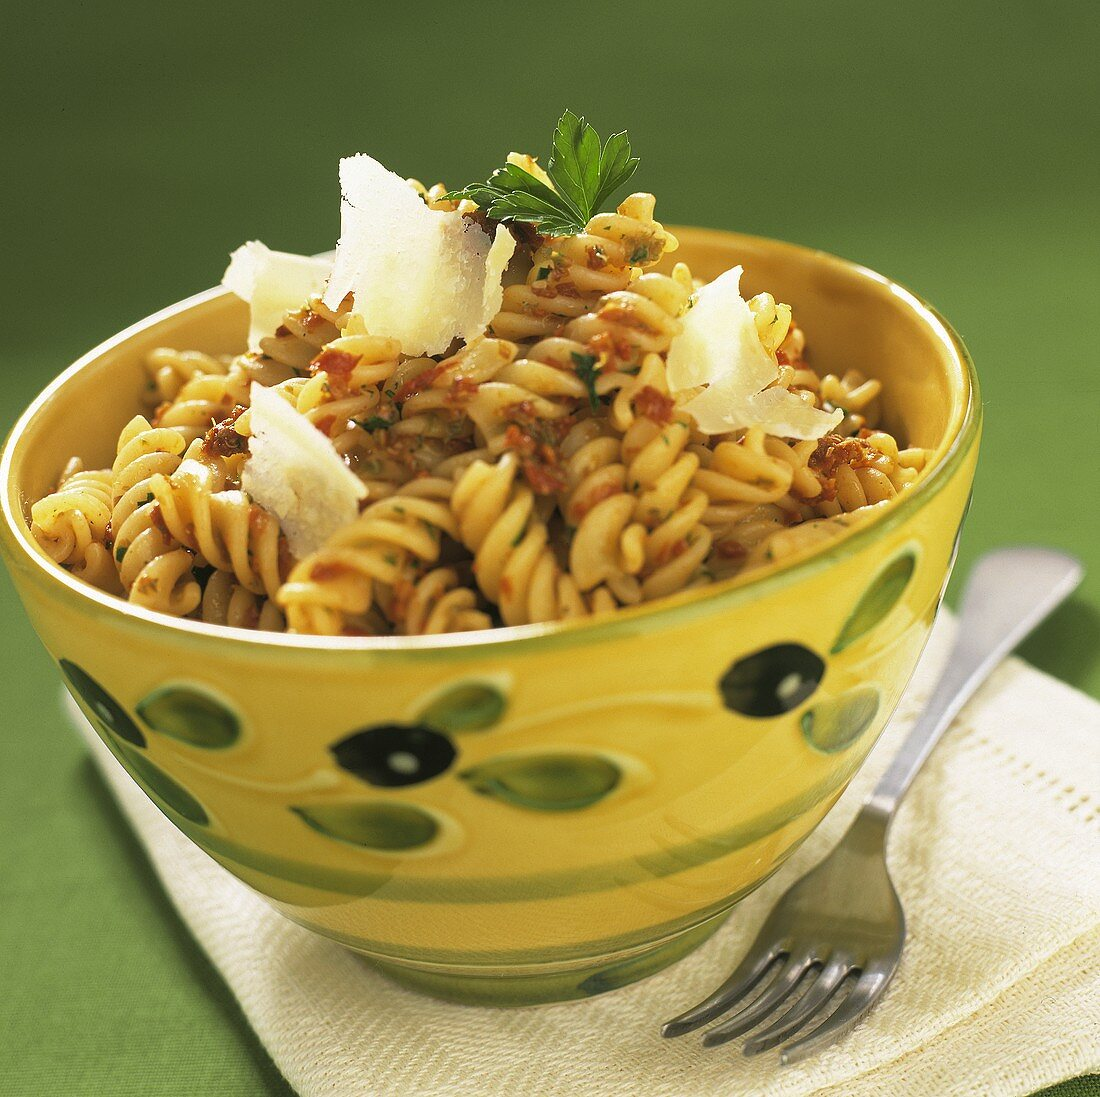 Fusilli ai pomodori secchi (Fusilli with dried tomatoes)